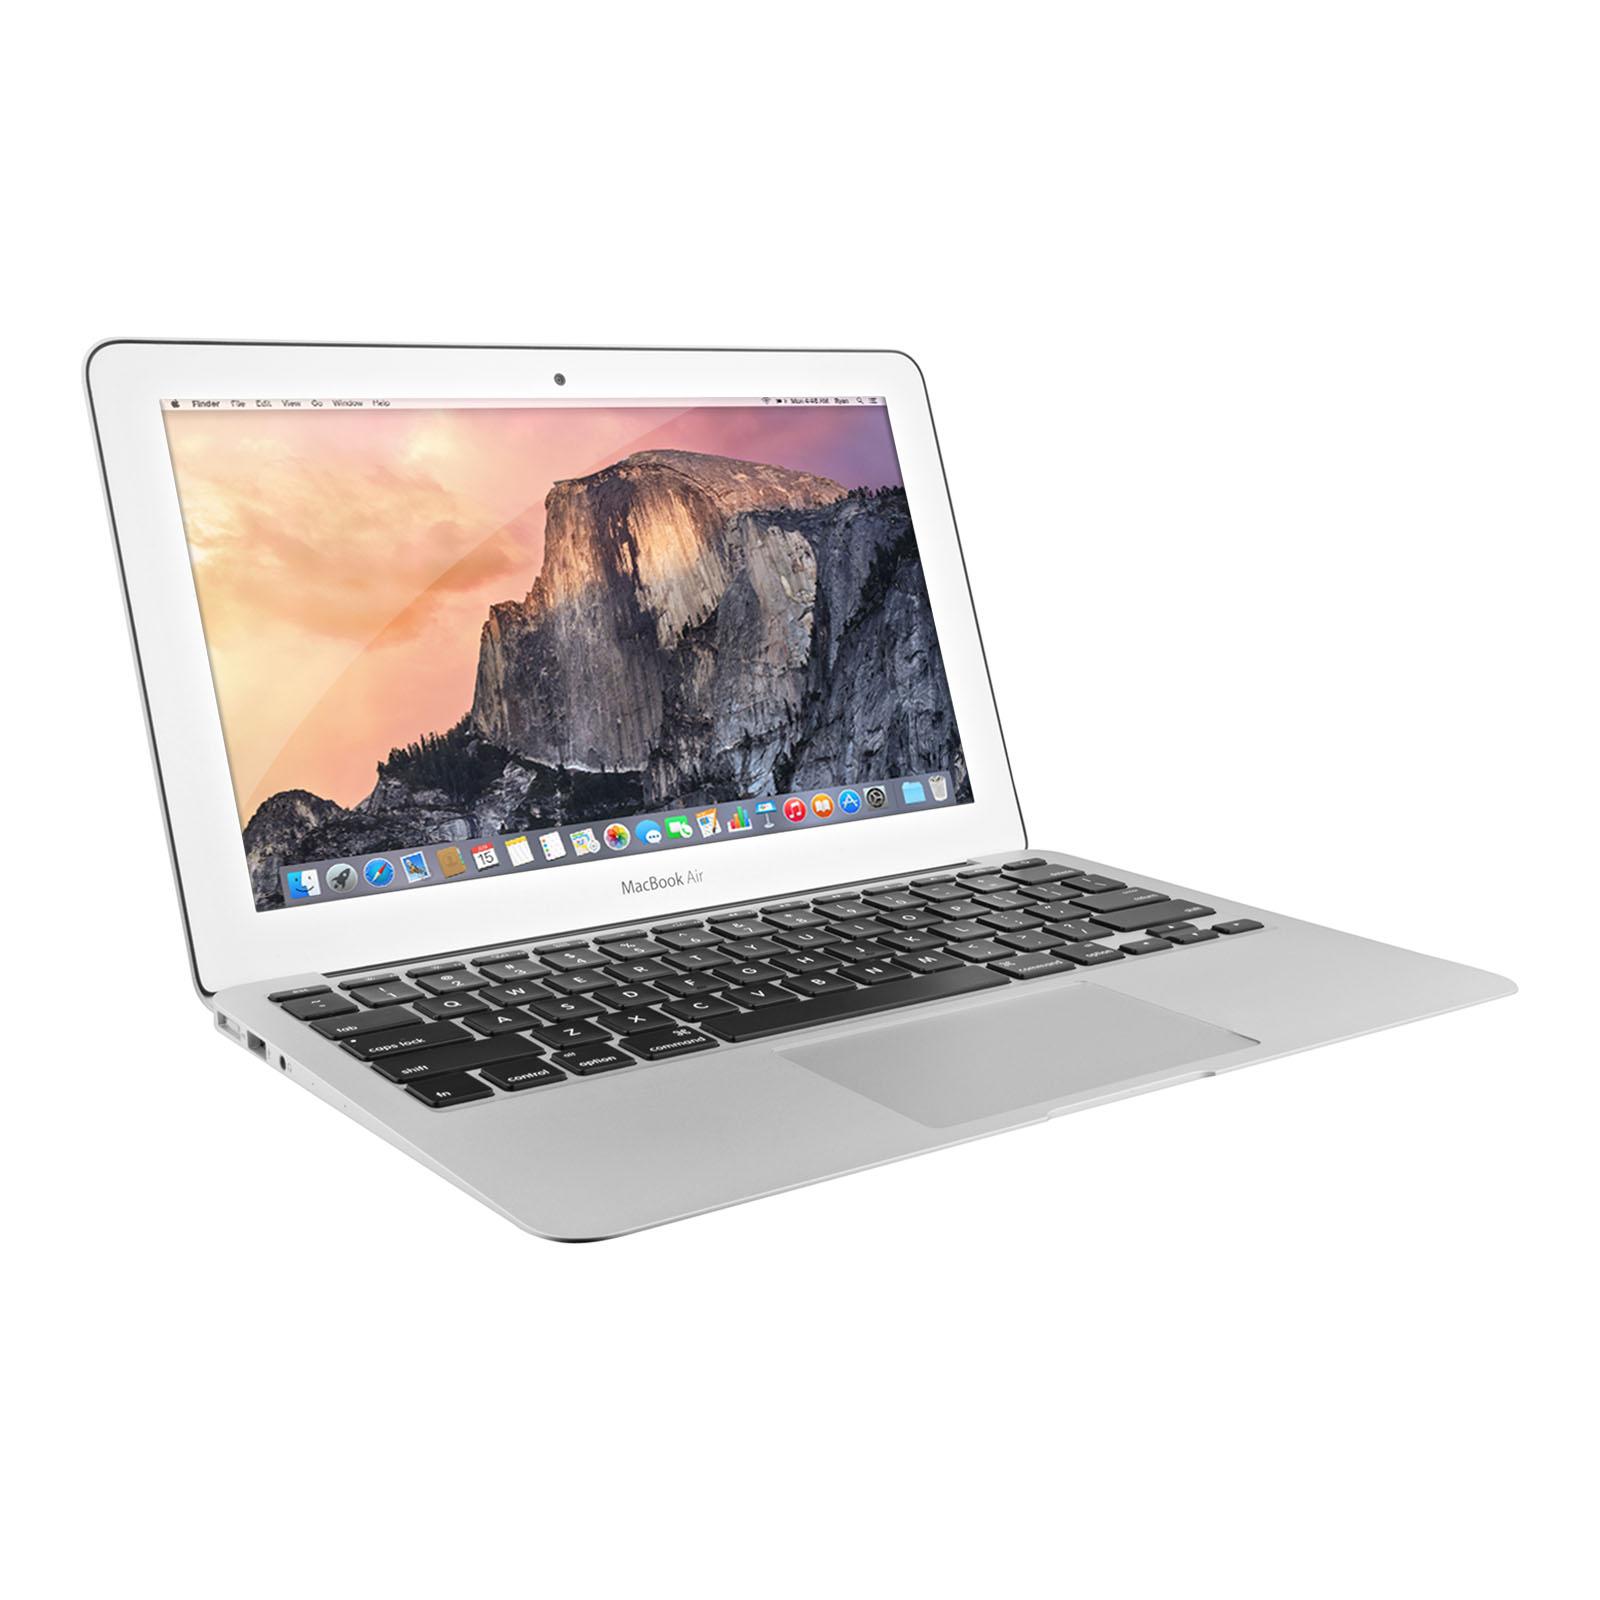 Apple MacBook Air 11.6 Inch Laptop MD711LL/B APP-MBA-MD711LLB-C1